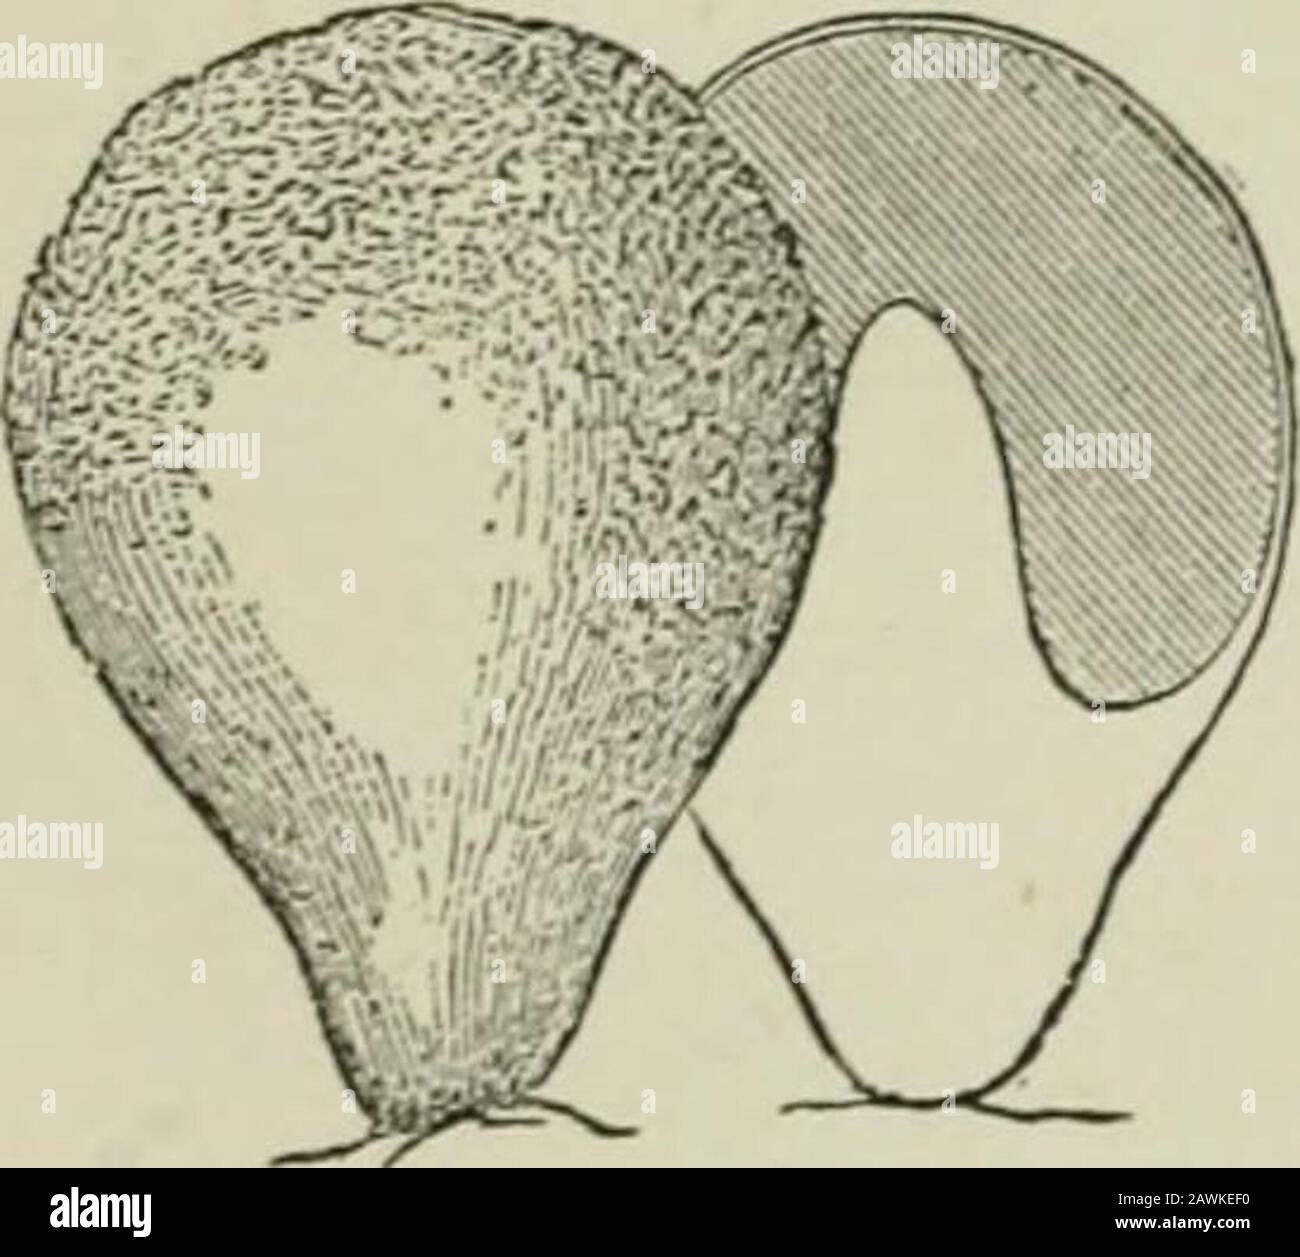 Introducci� al estudio de hongos : su organograf�, clasificaci� y distribuci� para el uso de colectores . ri�eos por Polystictus, y otros mencionados anteriormente. La siguiente forma de receptáculo que se debe aducir es el peridio, que encierra completamente los órganos reproductivos, y también puede ser apoyado en un carpophore distinto, o puede ser sessileon el micelio, o invertido por él, como en algunas especies subterráneas. Los Gastromycetes proporcionan este tipo de receptáculo, que es muy a menudo doble, typicallyglobose, la capa externa o exoperidiumsiendo una continuación del cortexof el carpophore cuando Foto de stock